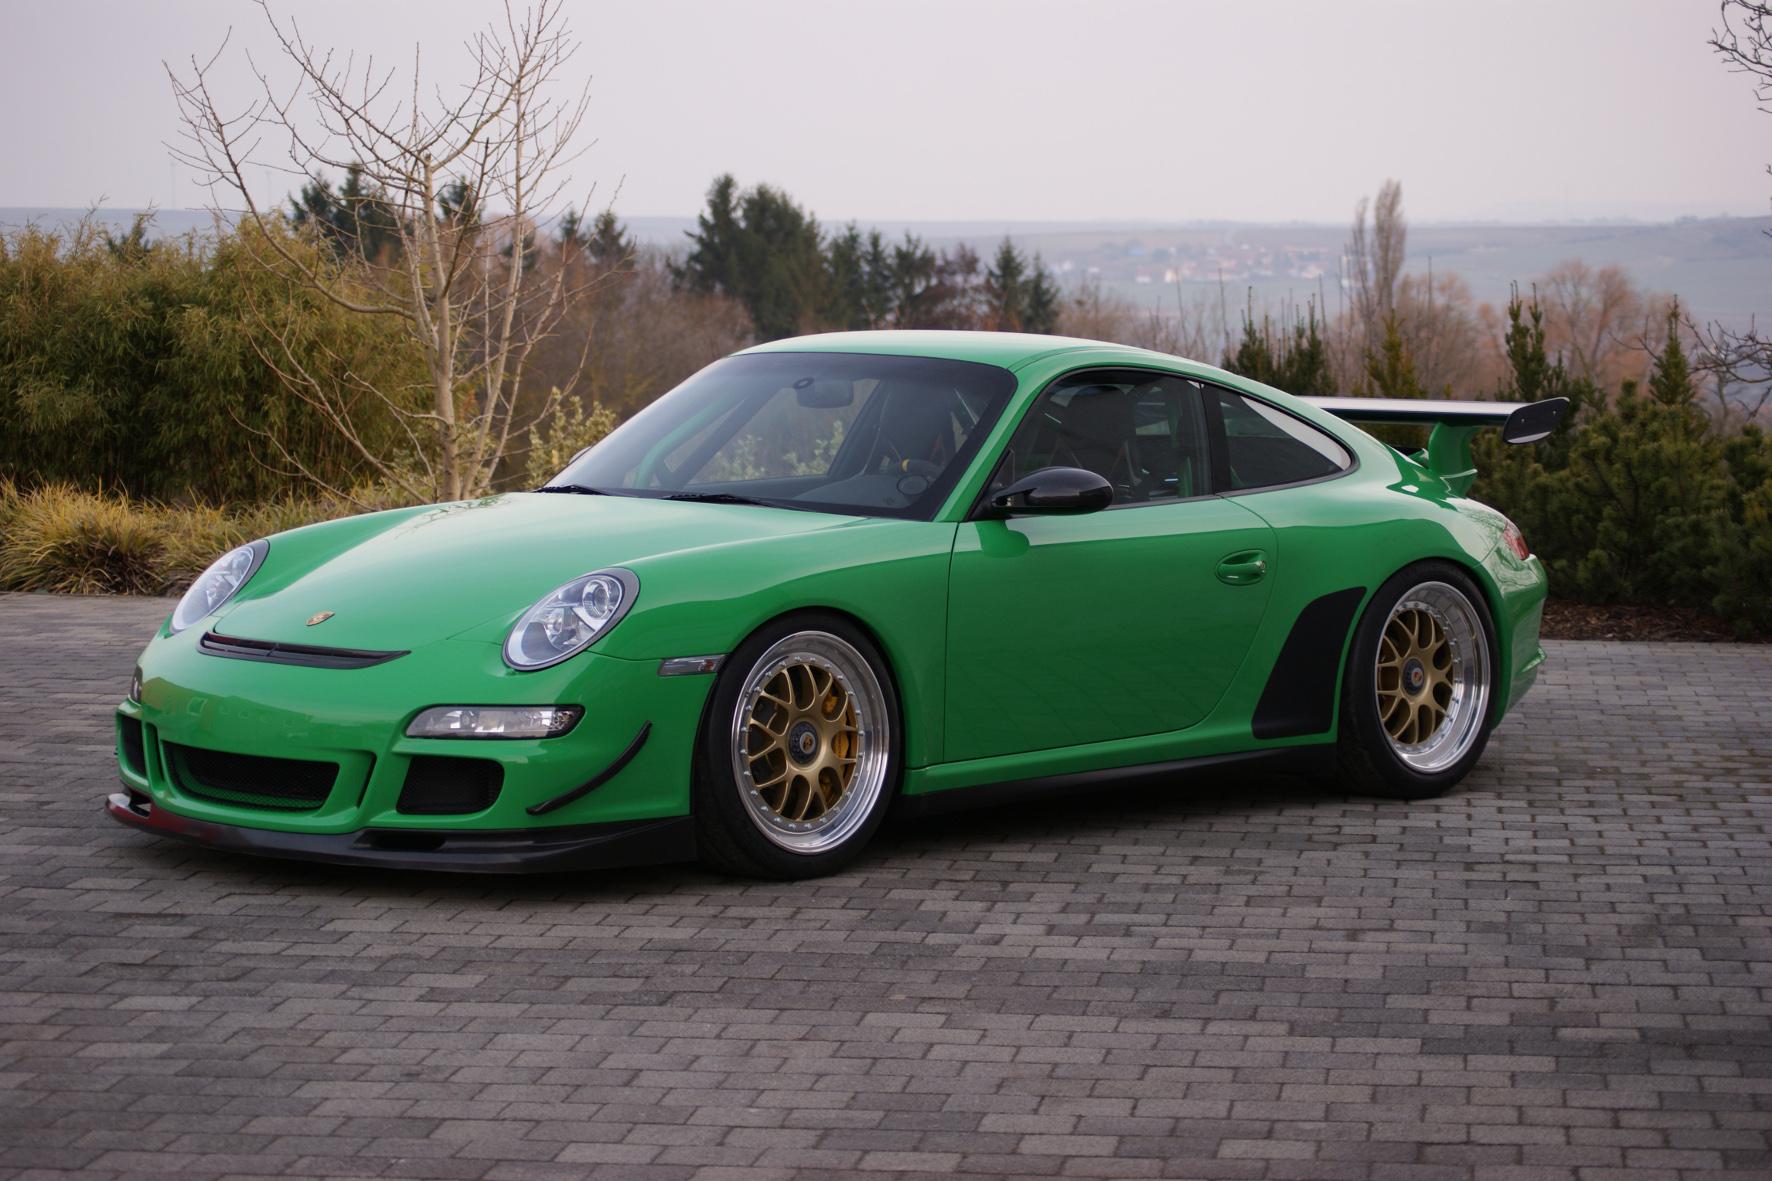 Nachhilfe für einen Vorzeige-Sportler: Kaege verpasst dem Porsche 911 GT3 RS (997) eine Leistungskur und erleichtert das Fahrzeug zudem um 50 Kilogramm. Dazu gibt es spezielle BBS-Rennsportfelgen.